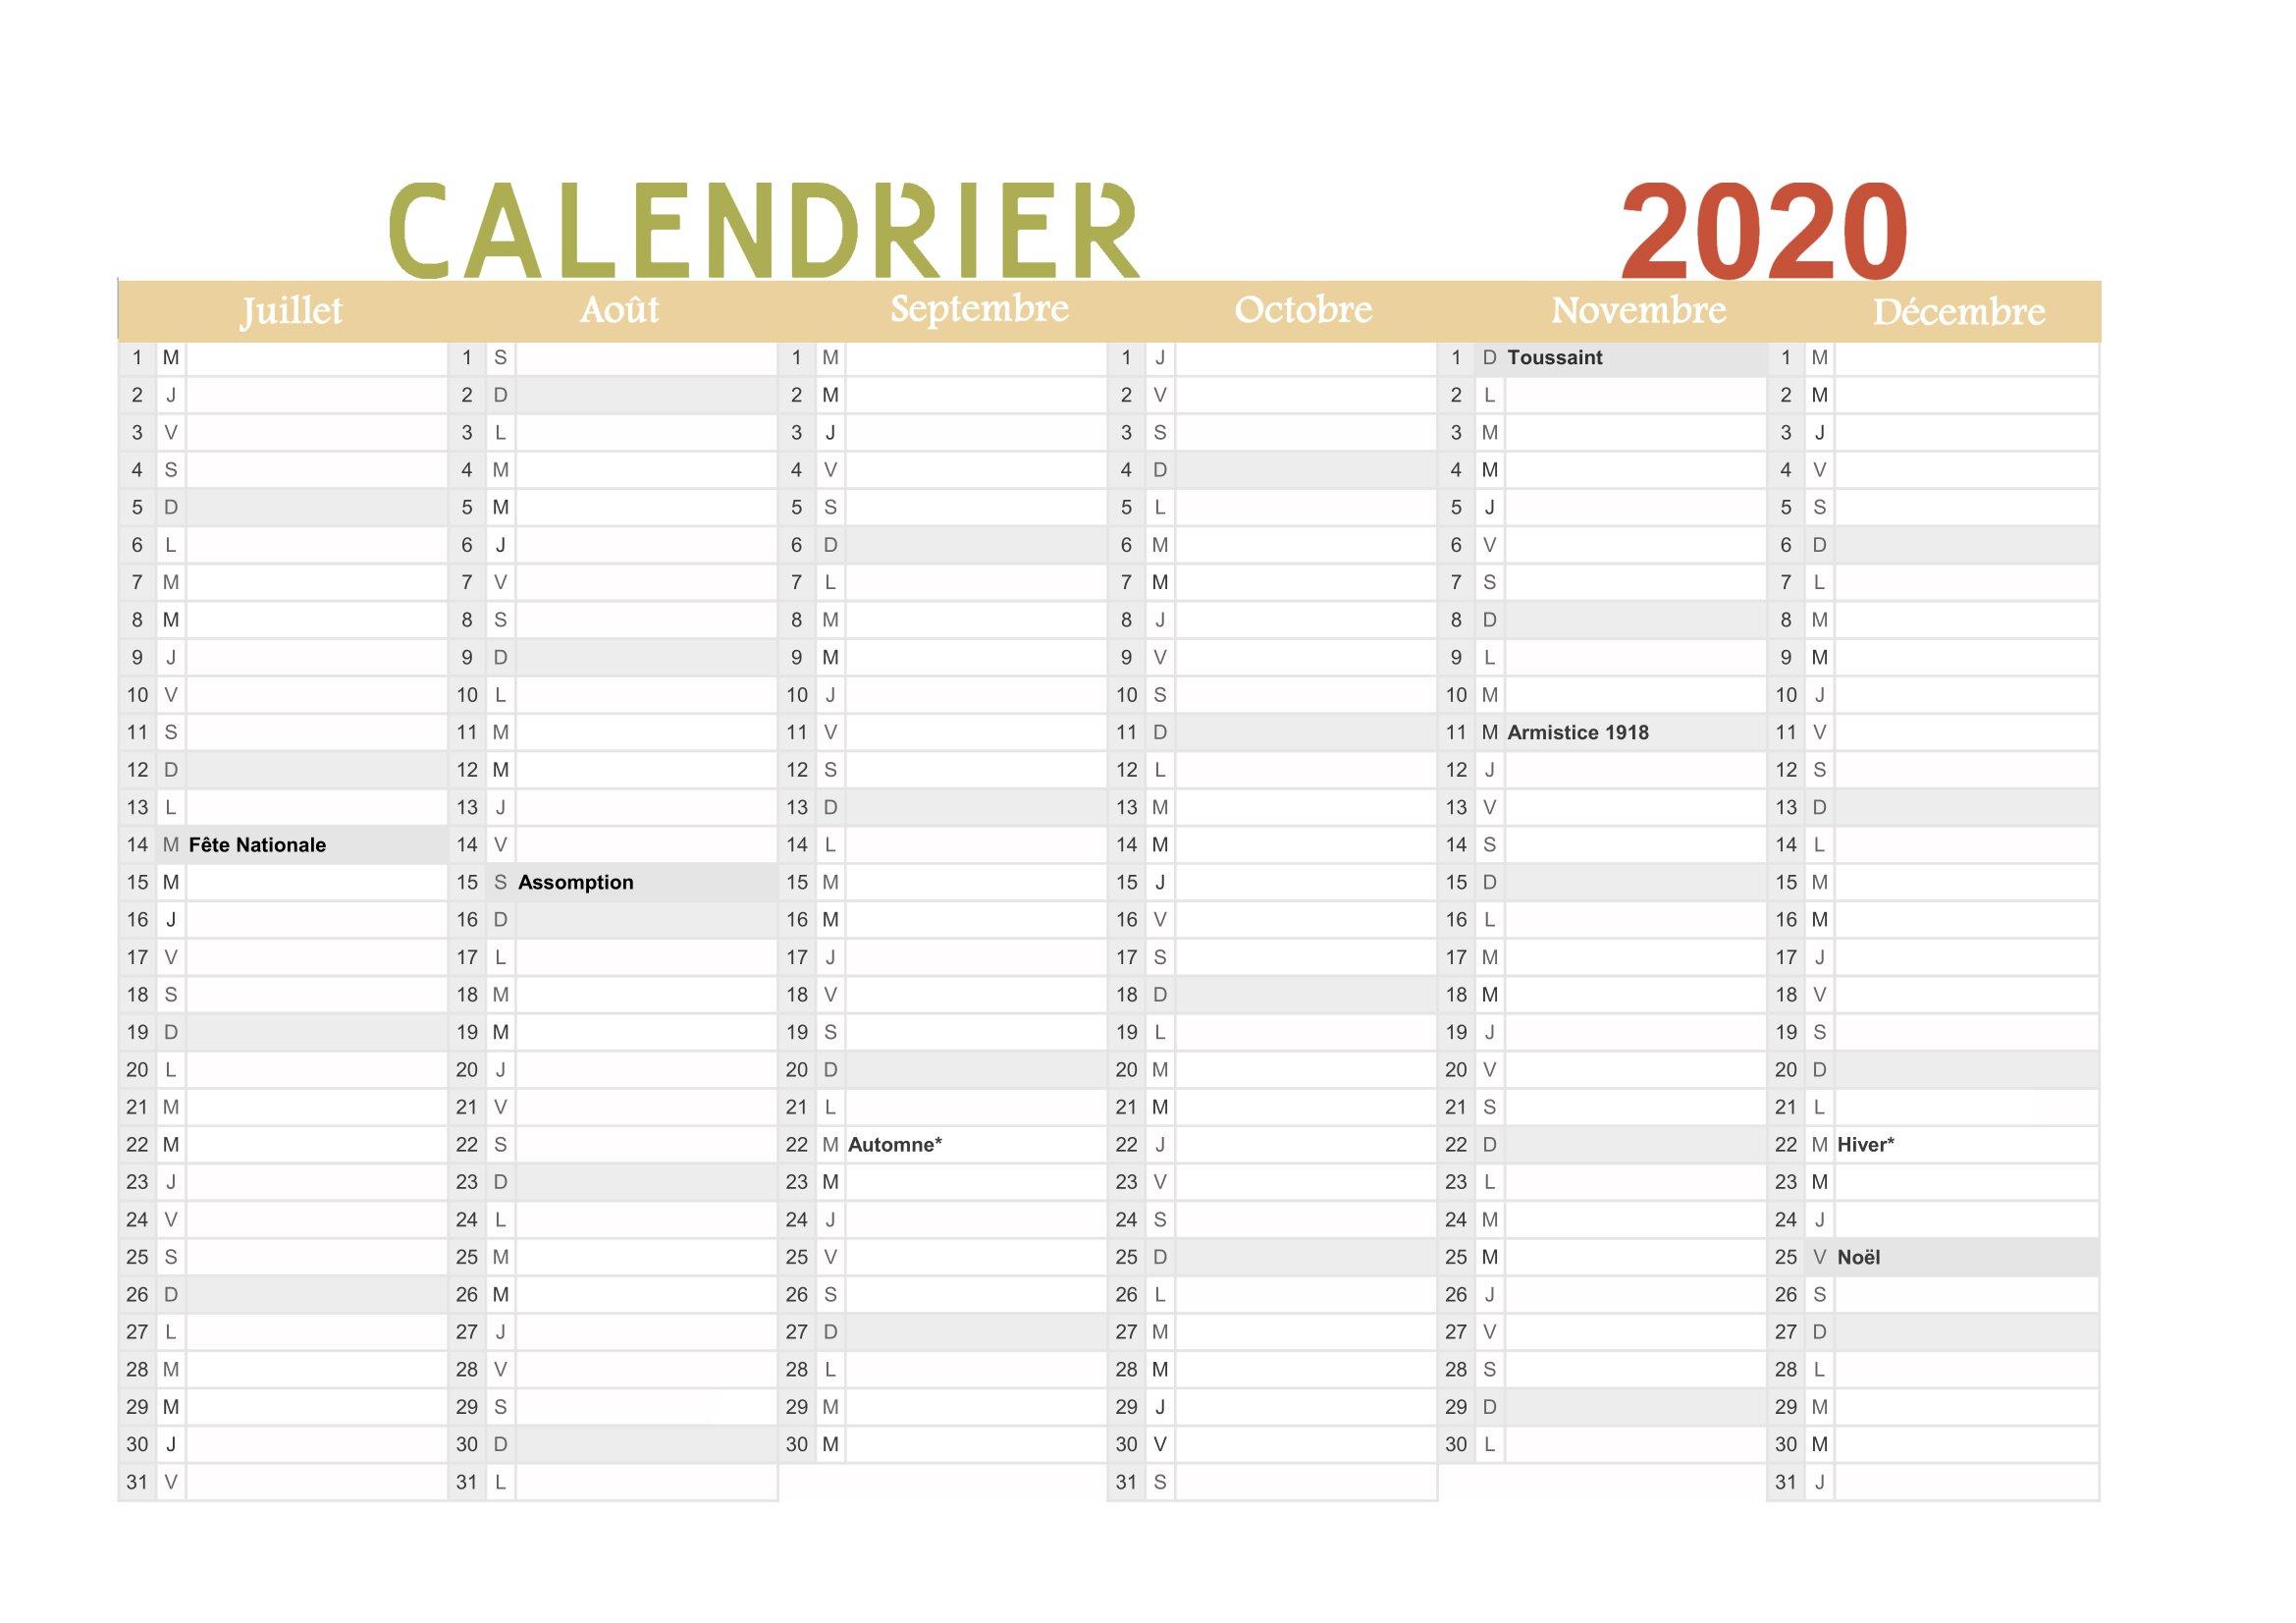 Calendrier 2020 À Imprimer (Gratuit) : Au Format Pdf concernant Calendrier Des Anniversaires À Imprimer Gratuit